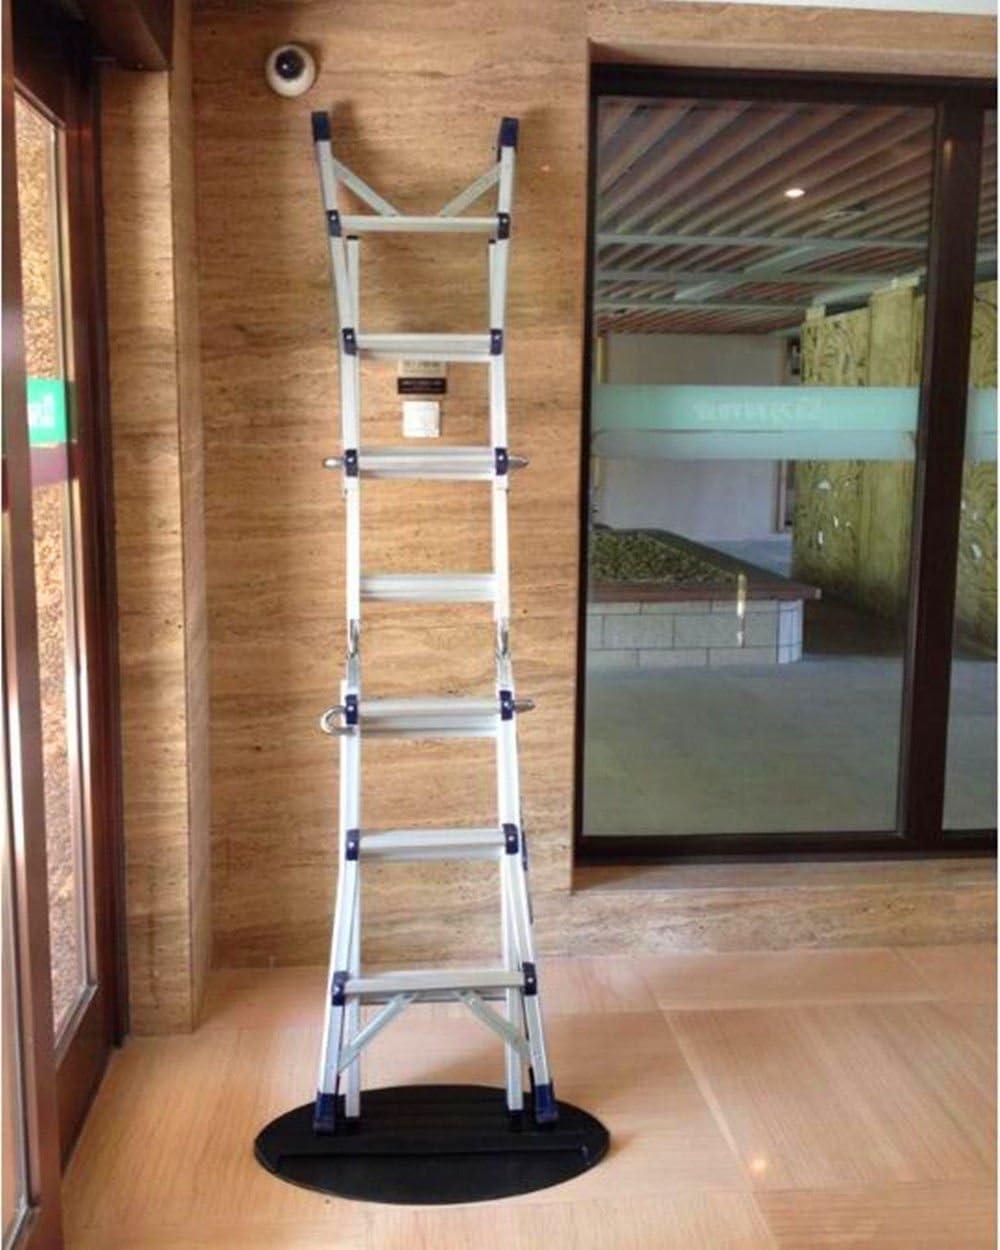 Tcatec - Tapón antideslizante para escalera de escalera, color negro: Amazon.es: Bricolaje y herramientas